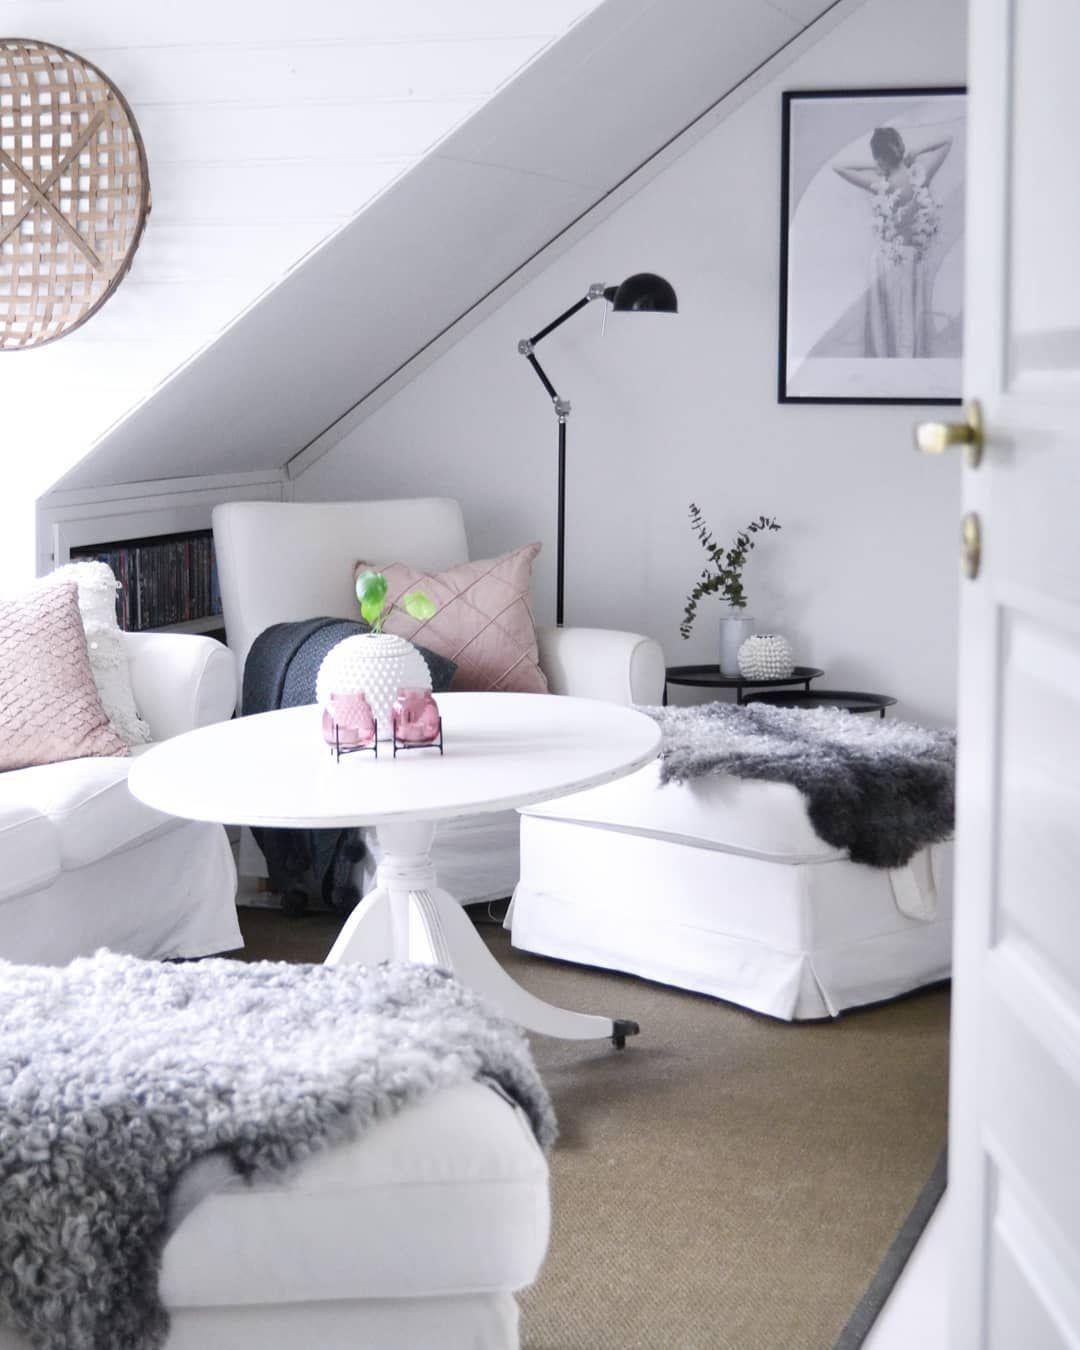 Raum mit Dachschräge einrichten Tipps & Ideen   Dachschräge einrichten, Zimmer mit dachschräge ...